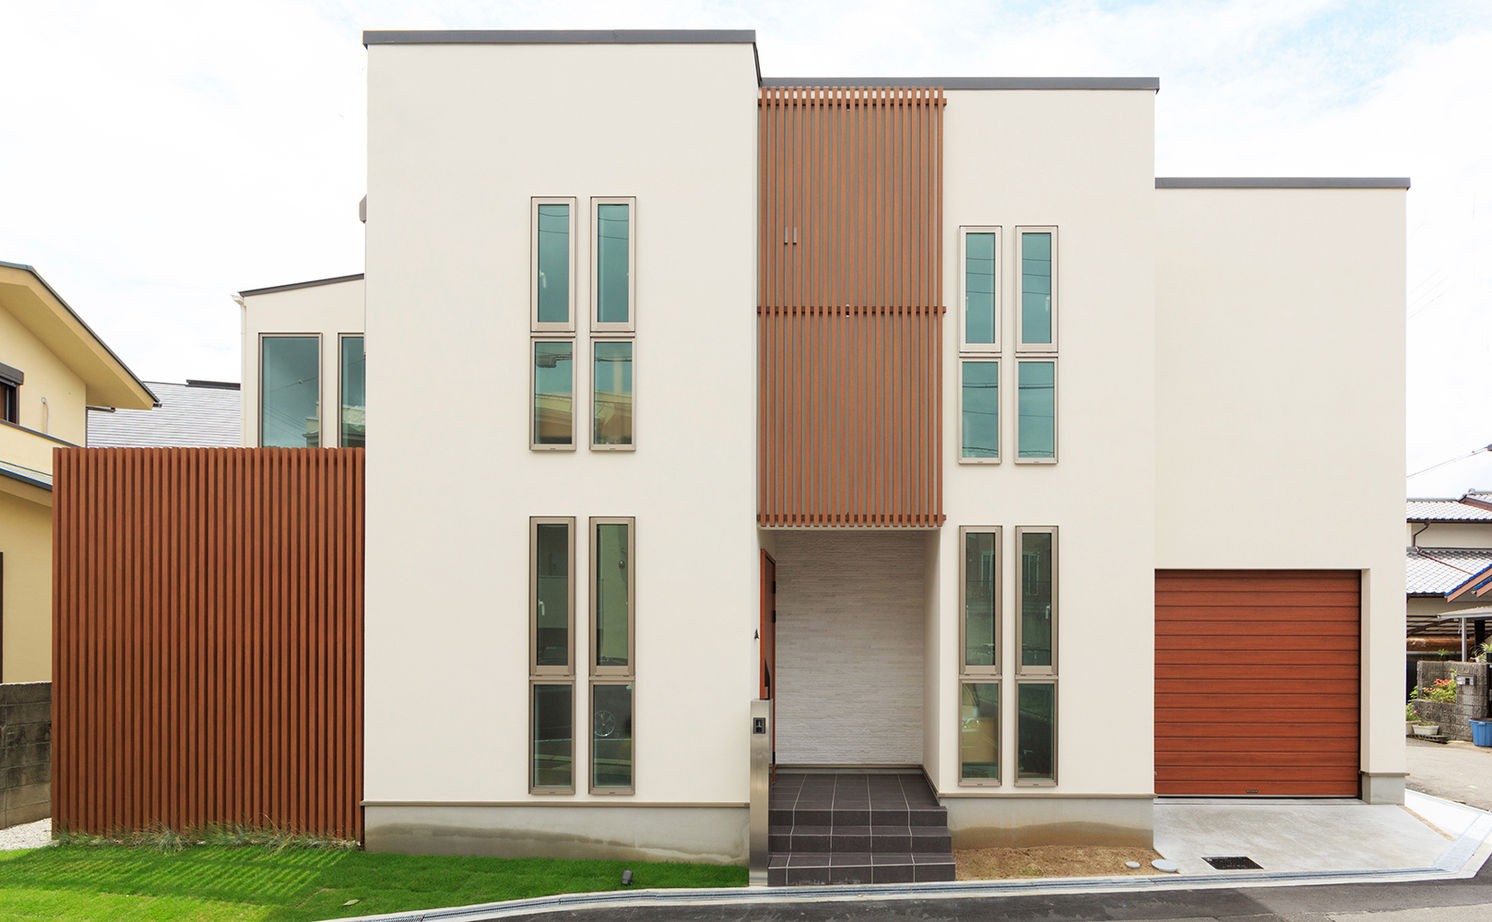 【2500~3000万円】彩り鮮やかで上品なインテリアで空間をデザイン。ガラス張りのインナーガレージのある家画像1